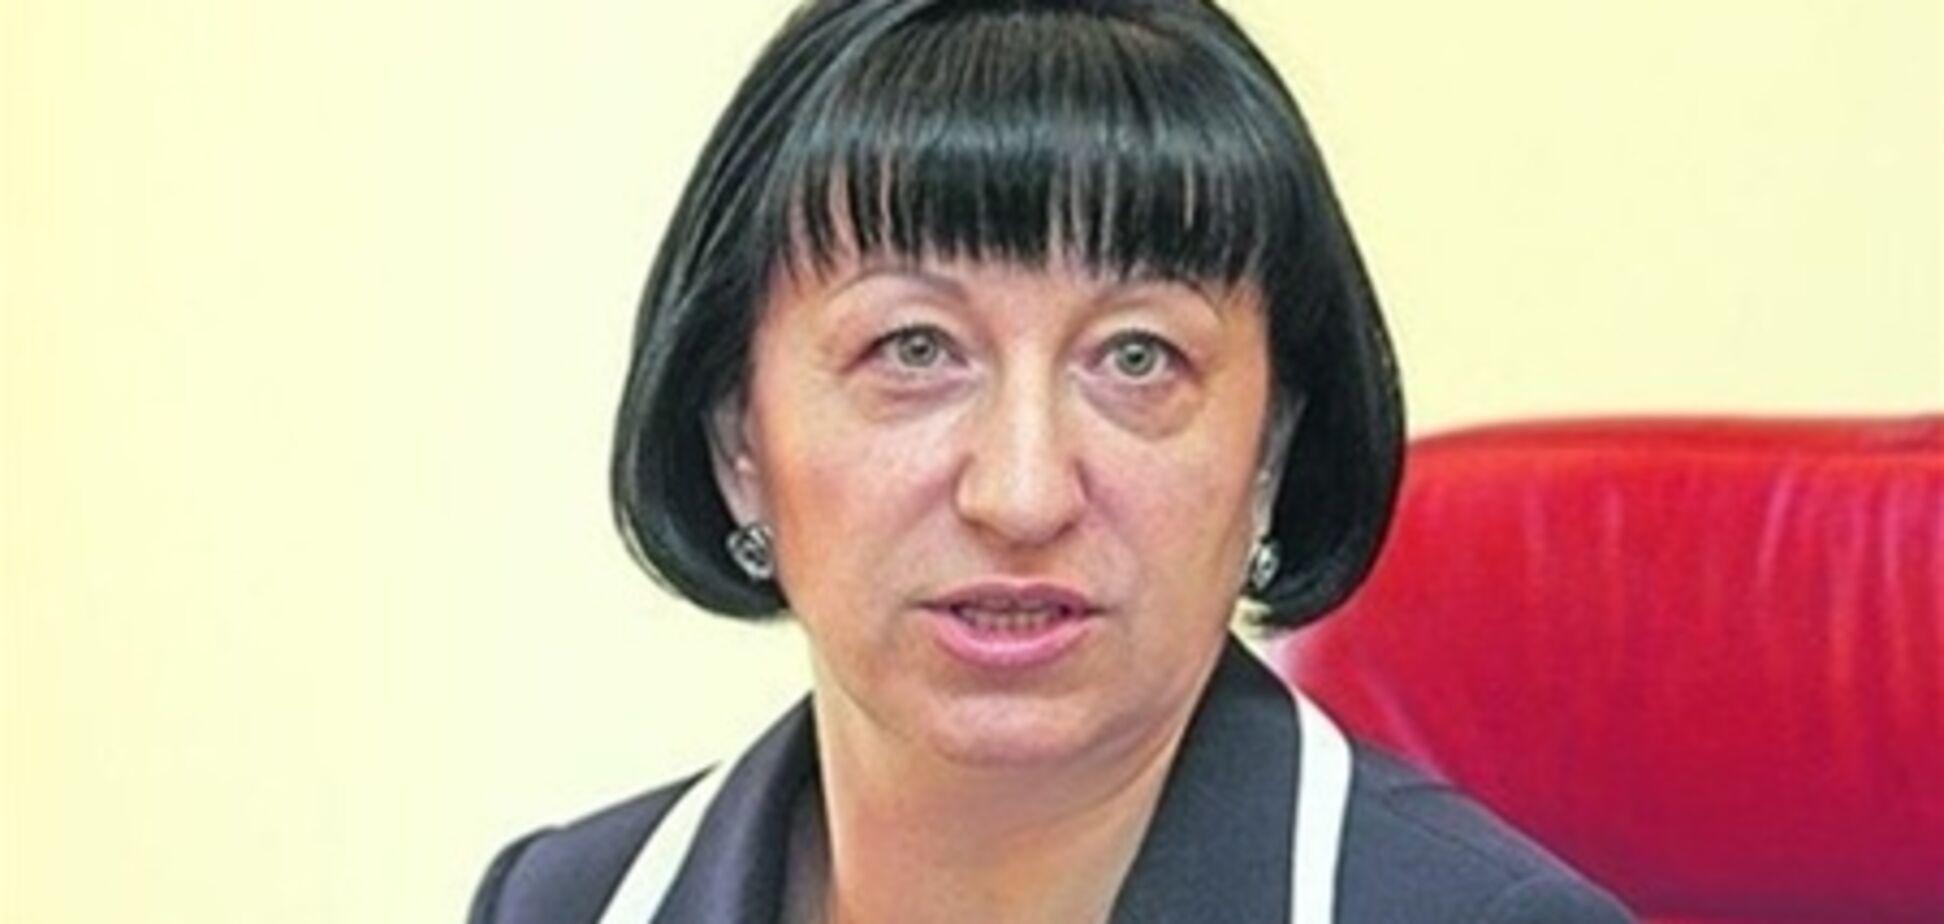 Герега нацелила свой бизнес на Россию